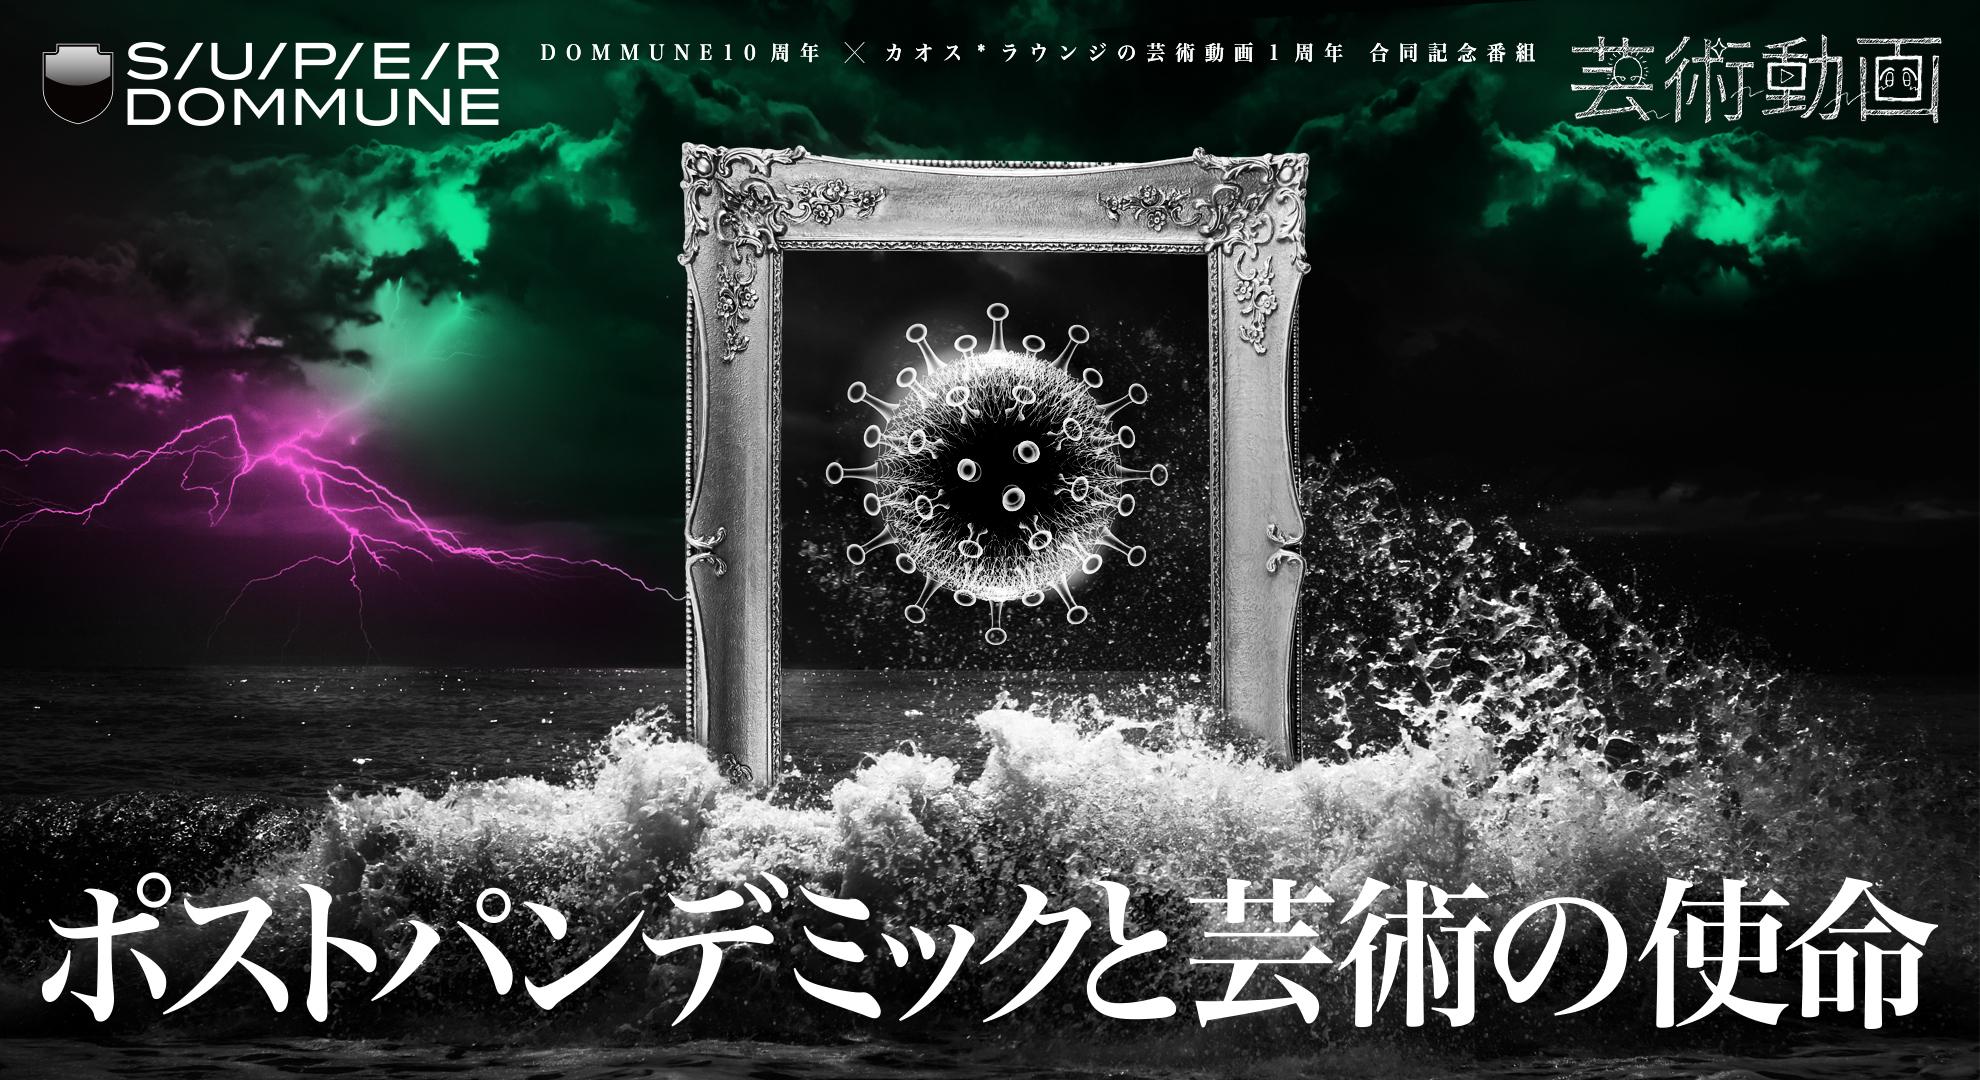 【芸術動画】「ポストパンデミックと芸術の使命」DOMMUNE×カオス*ラウンジ